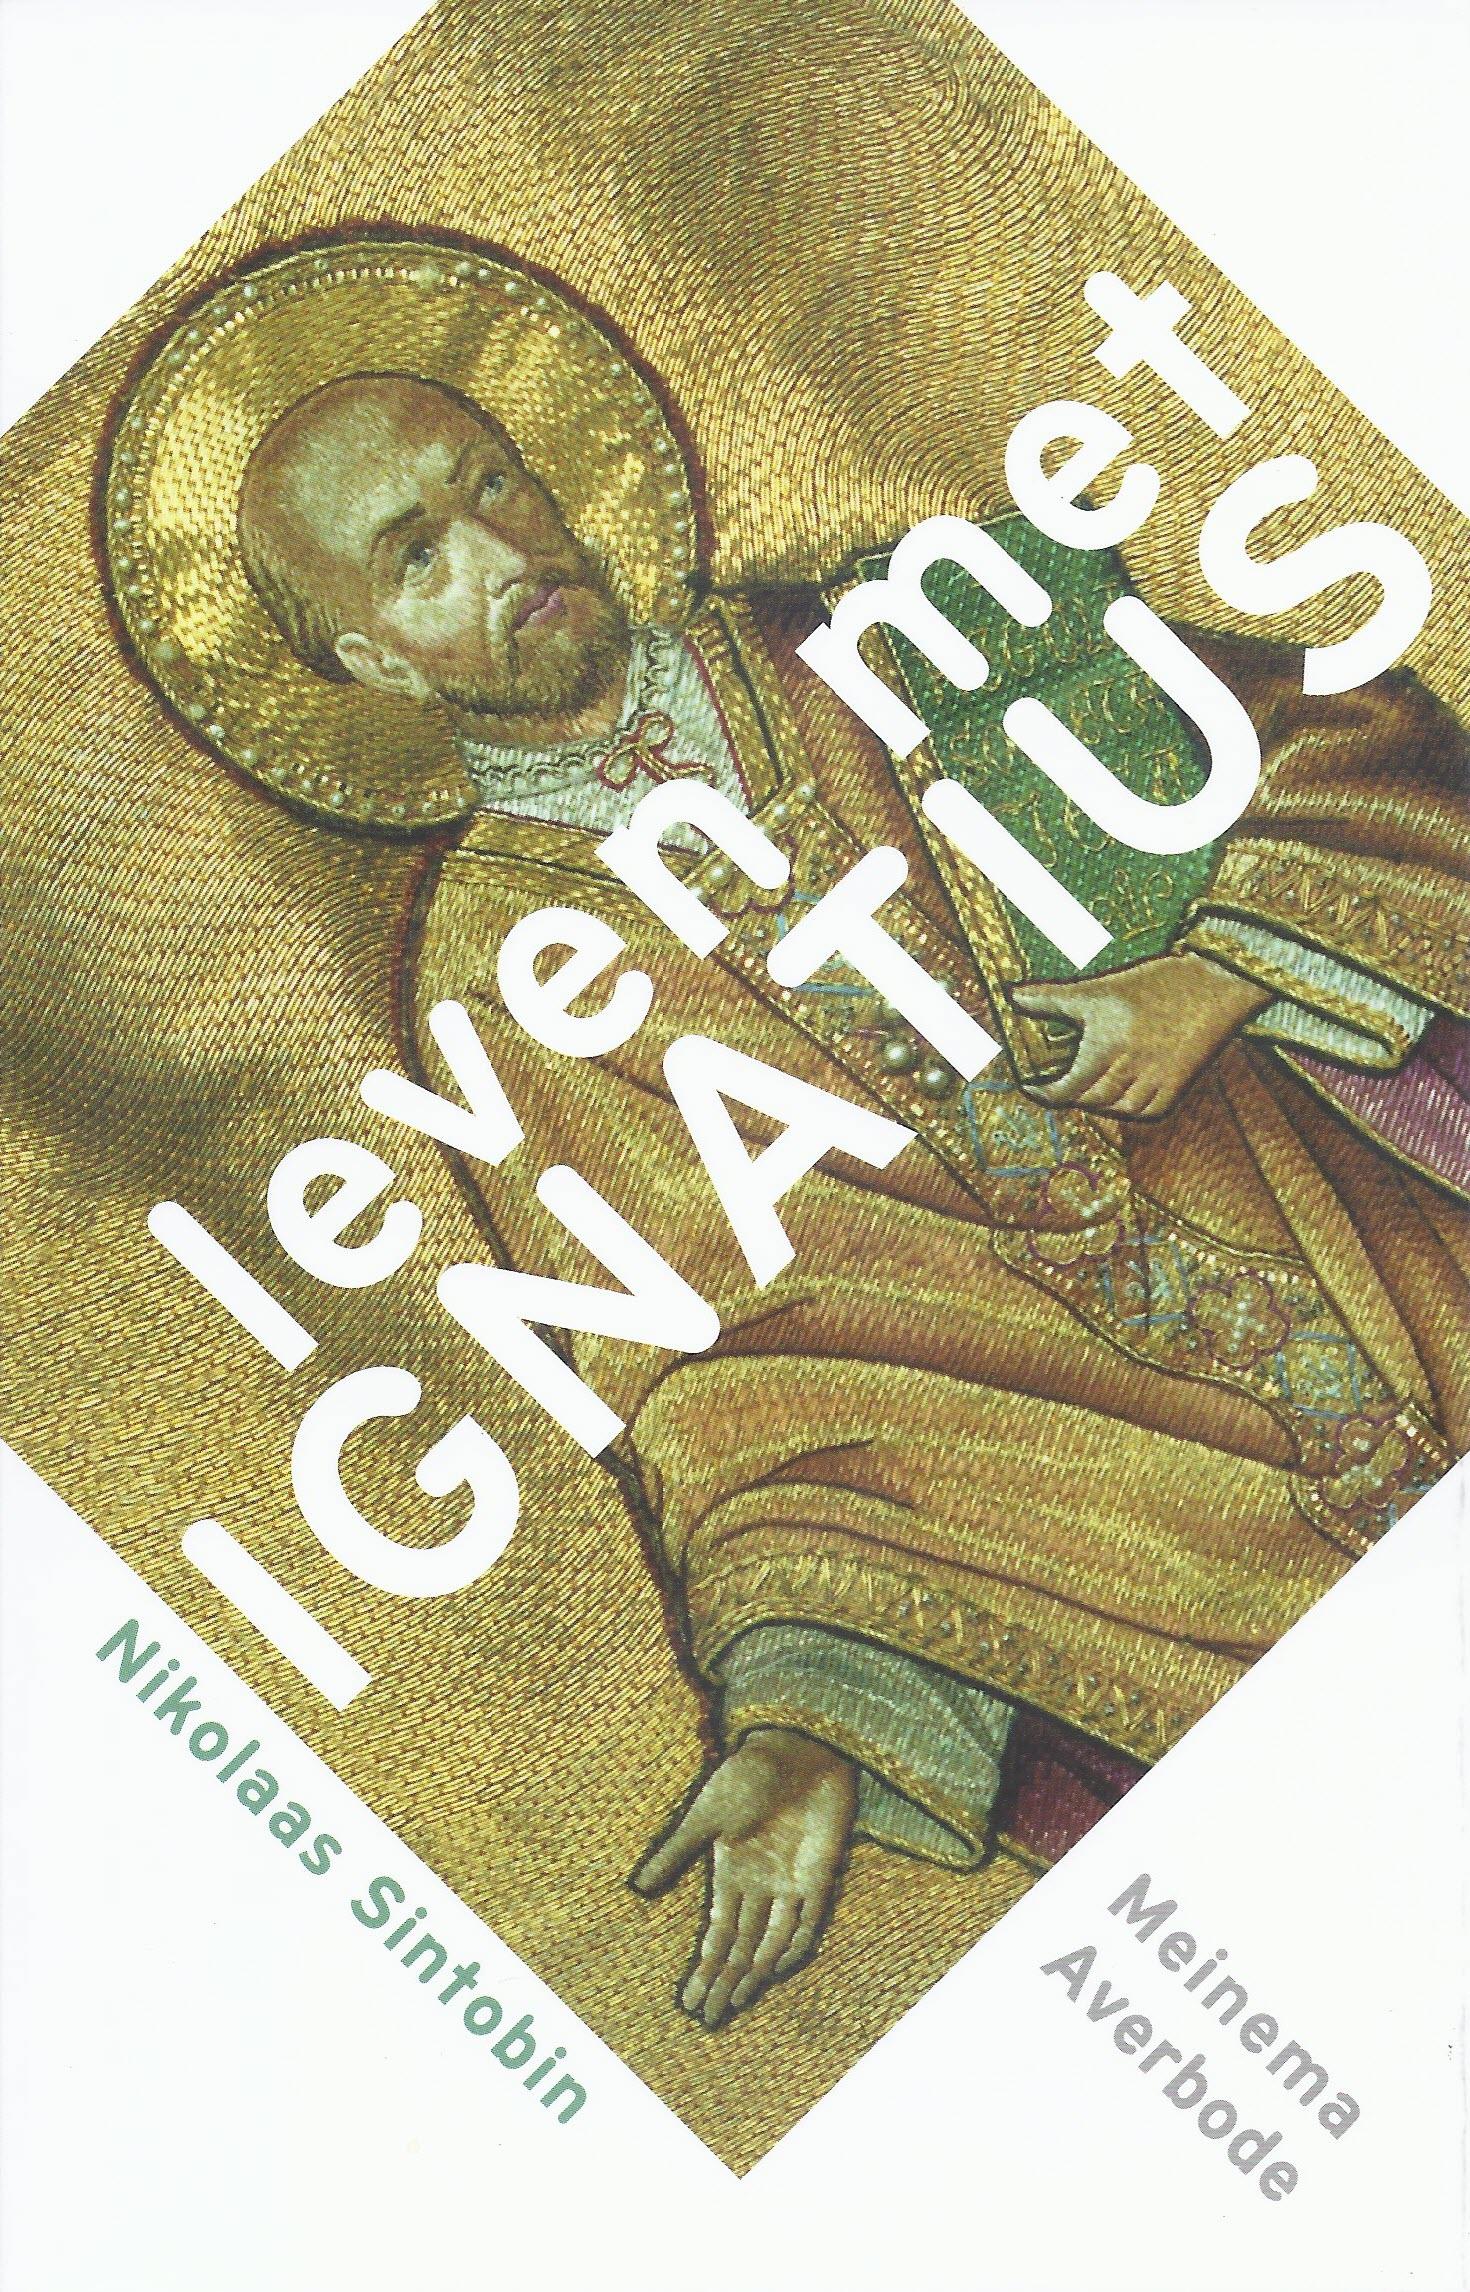 Nikolaas Sintobin. Leven met Ignatius: op het kompas van de vreugde.